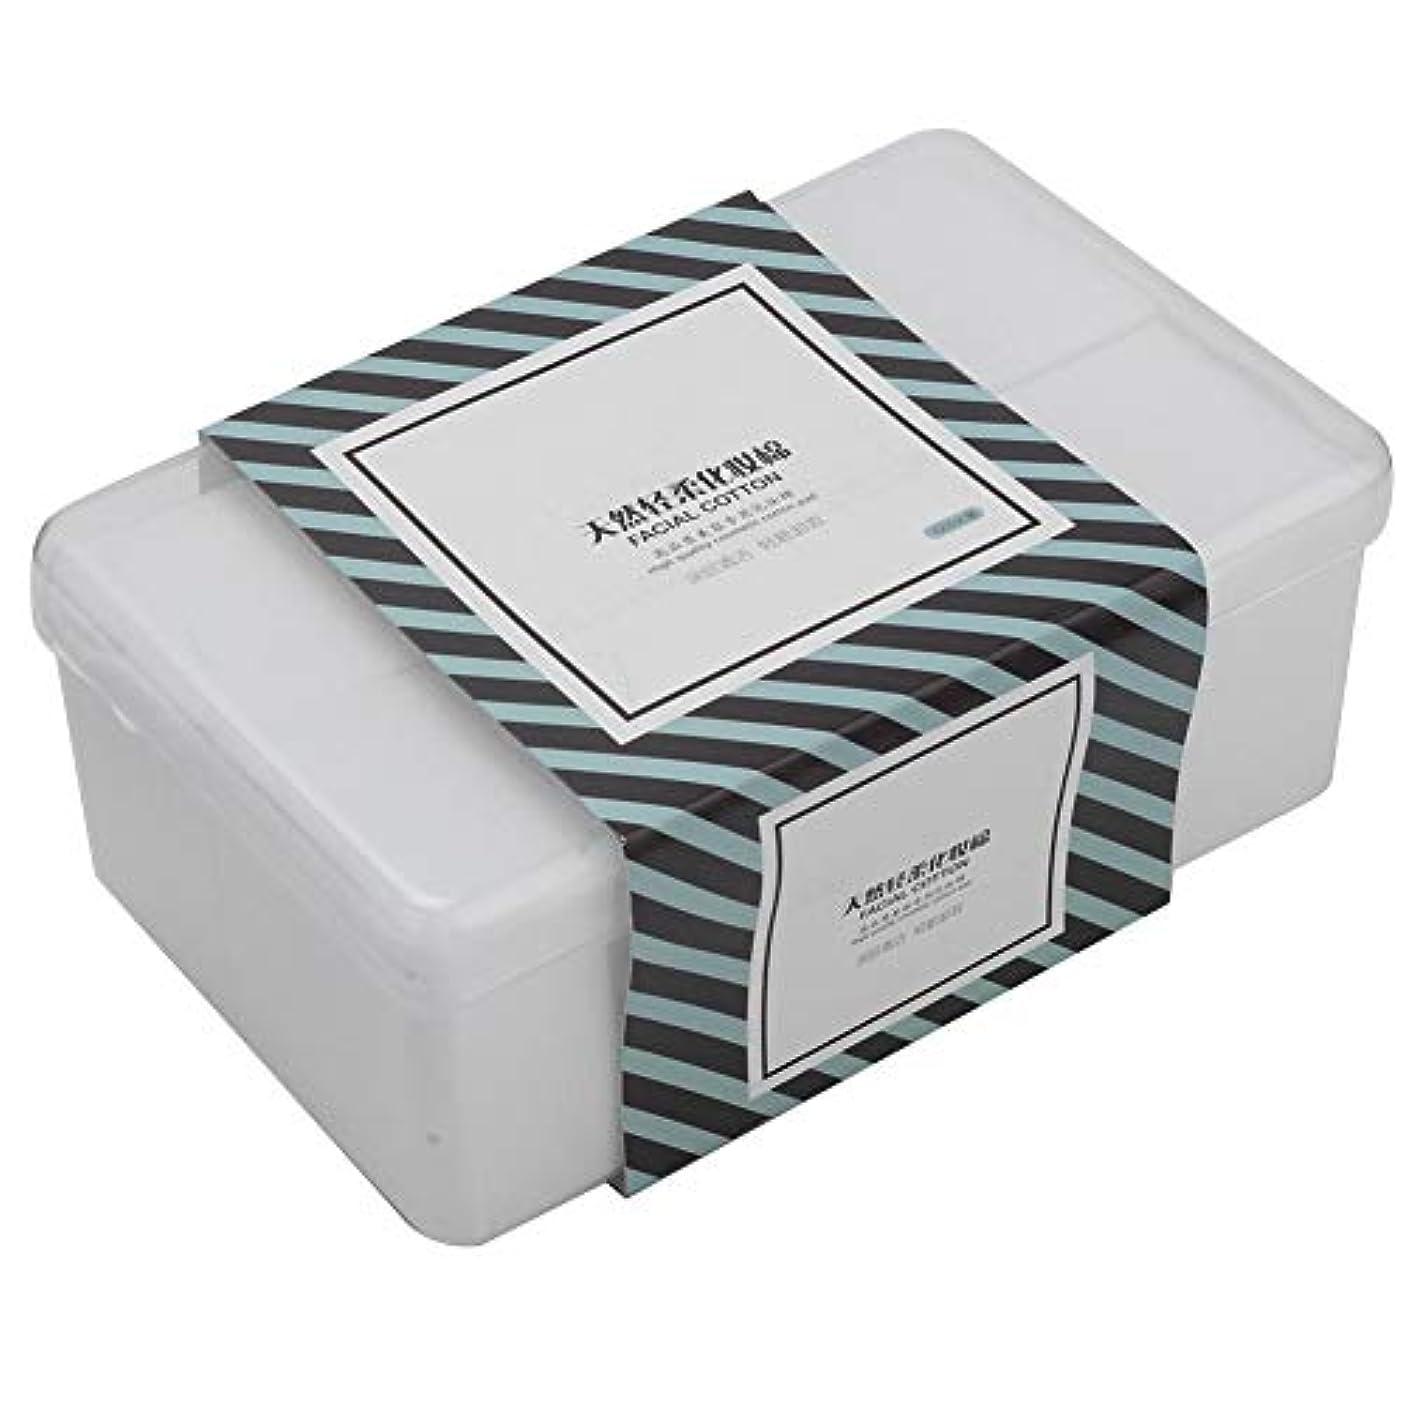 収益受粉する拡大する1000Pcs /箱の構造の綿パッド、構造の除去剤のスキンケアのための顔の清潔になる綿および他の事は拭きます